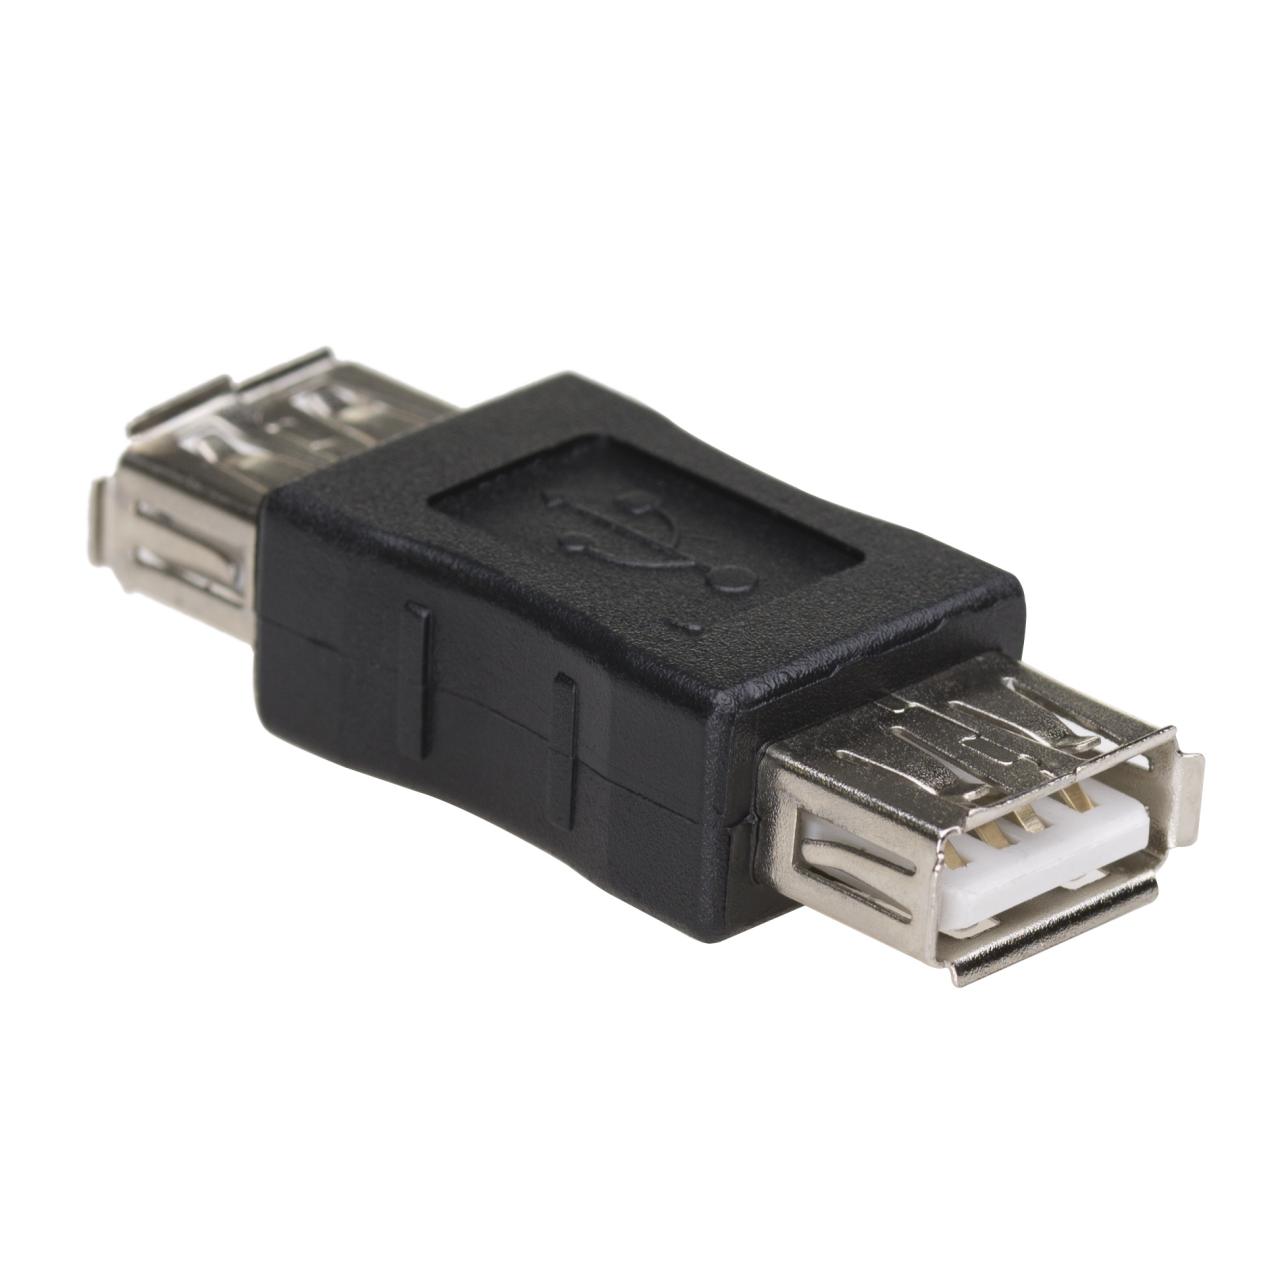 Akyga AK-AD-06 USB-AF/USB-AF adapter